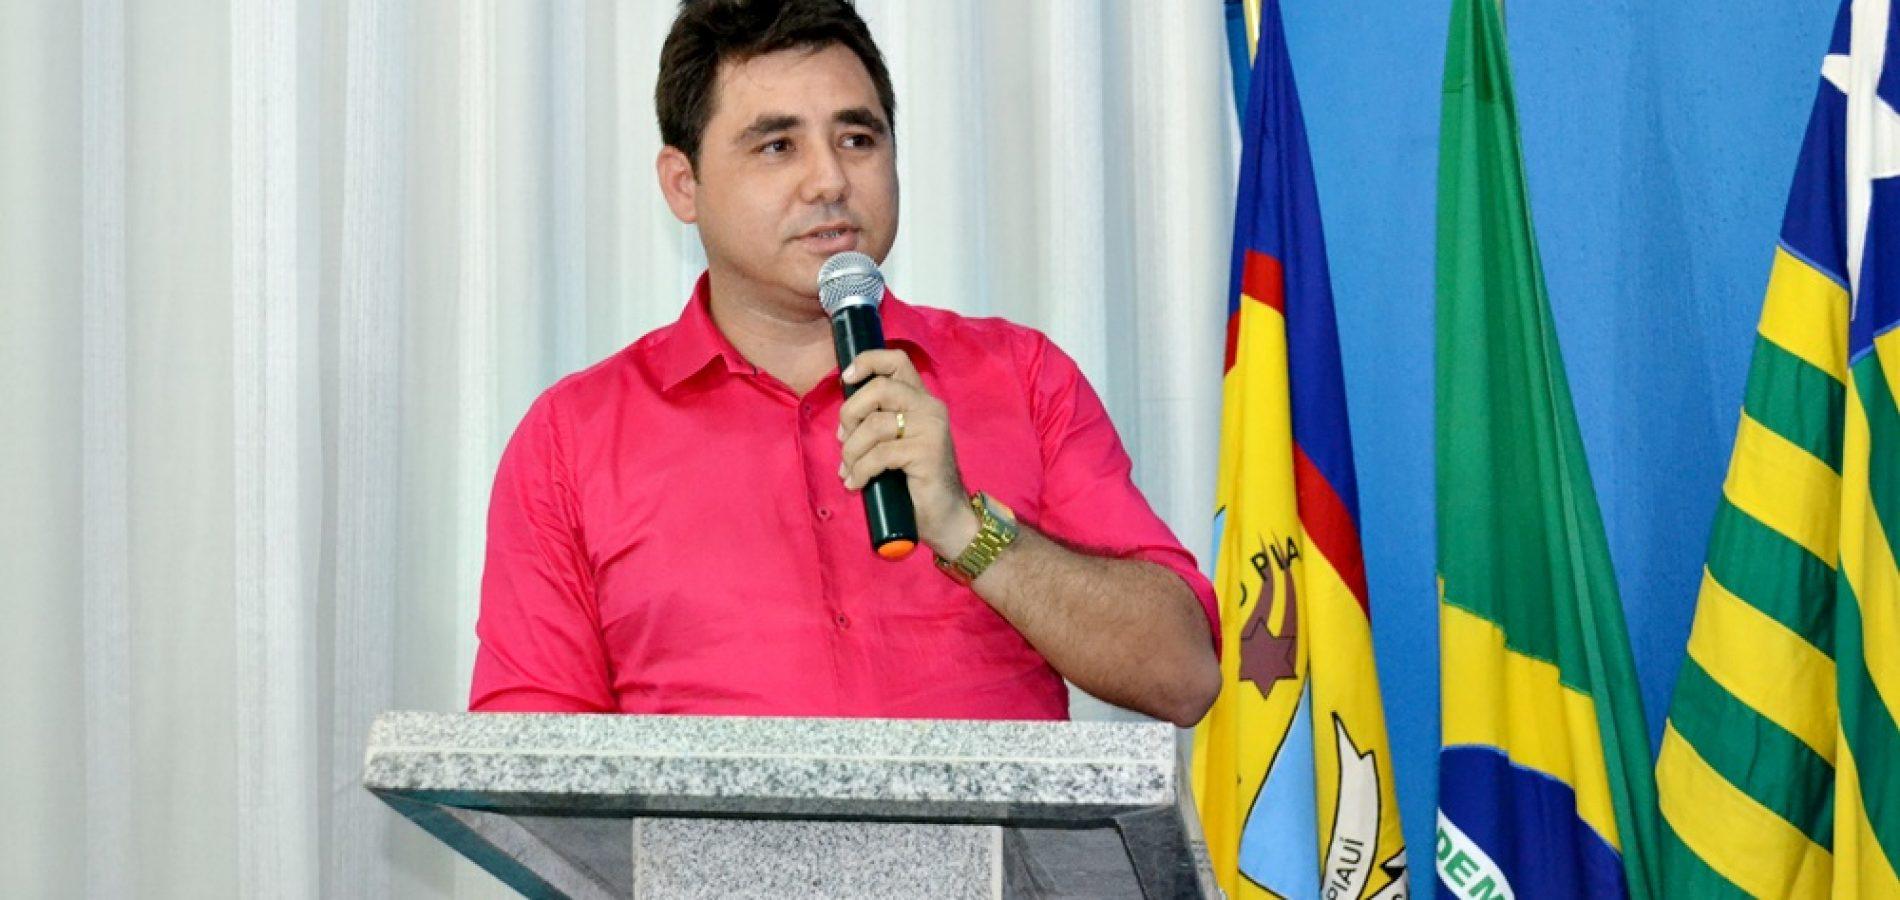 Prefeito de Padre Marcos esclarece boatos sobre a negativa do mesmo em assinar projetos conquistados para o município